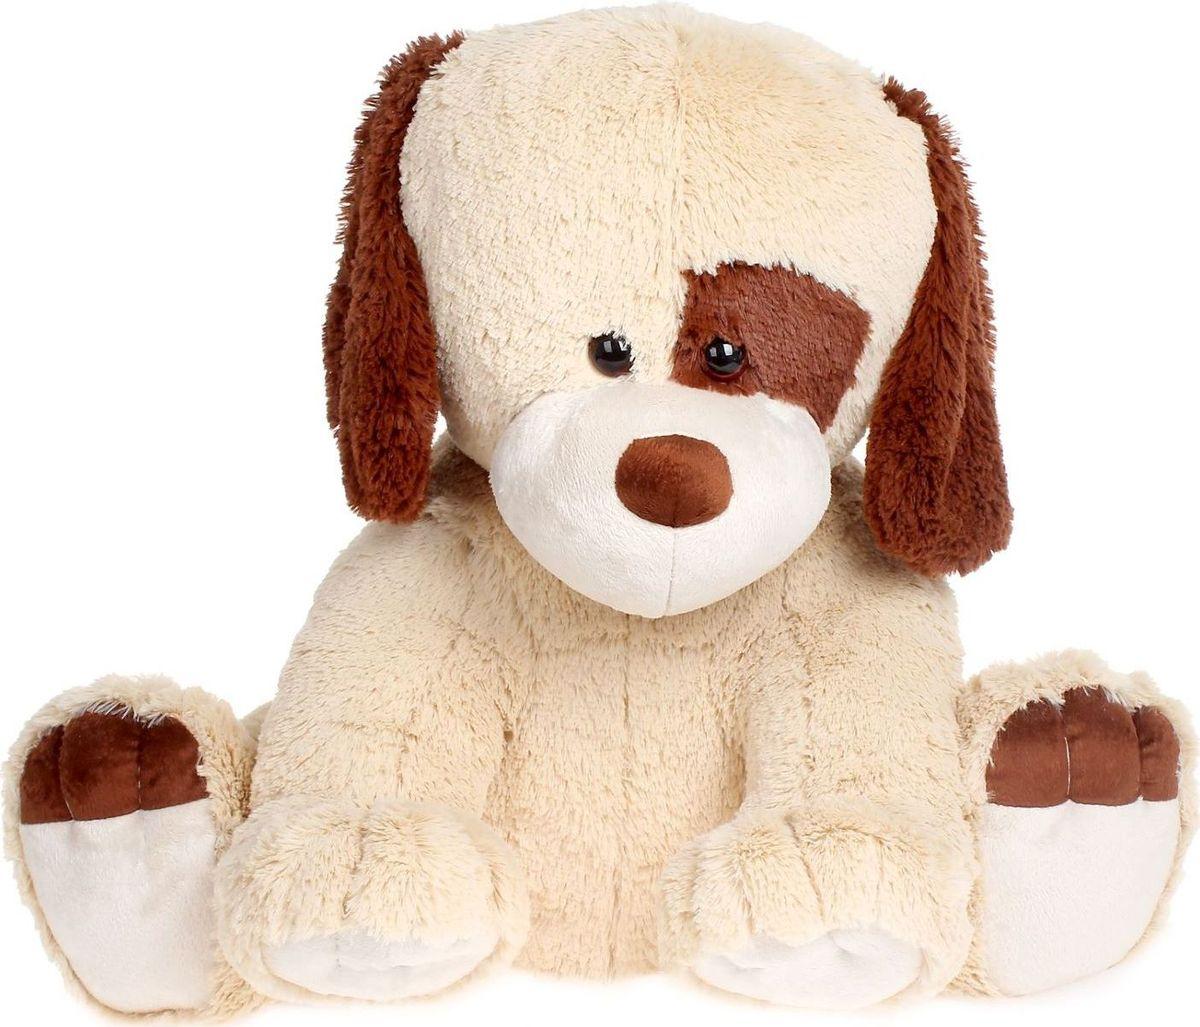 Sima-land Мягкая игрушка Собака Джек цвет бежевый 60 см радомир мягкая игрушка собака соня 55 см 2008906